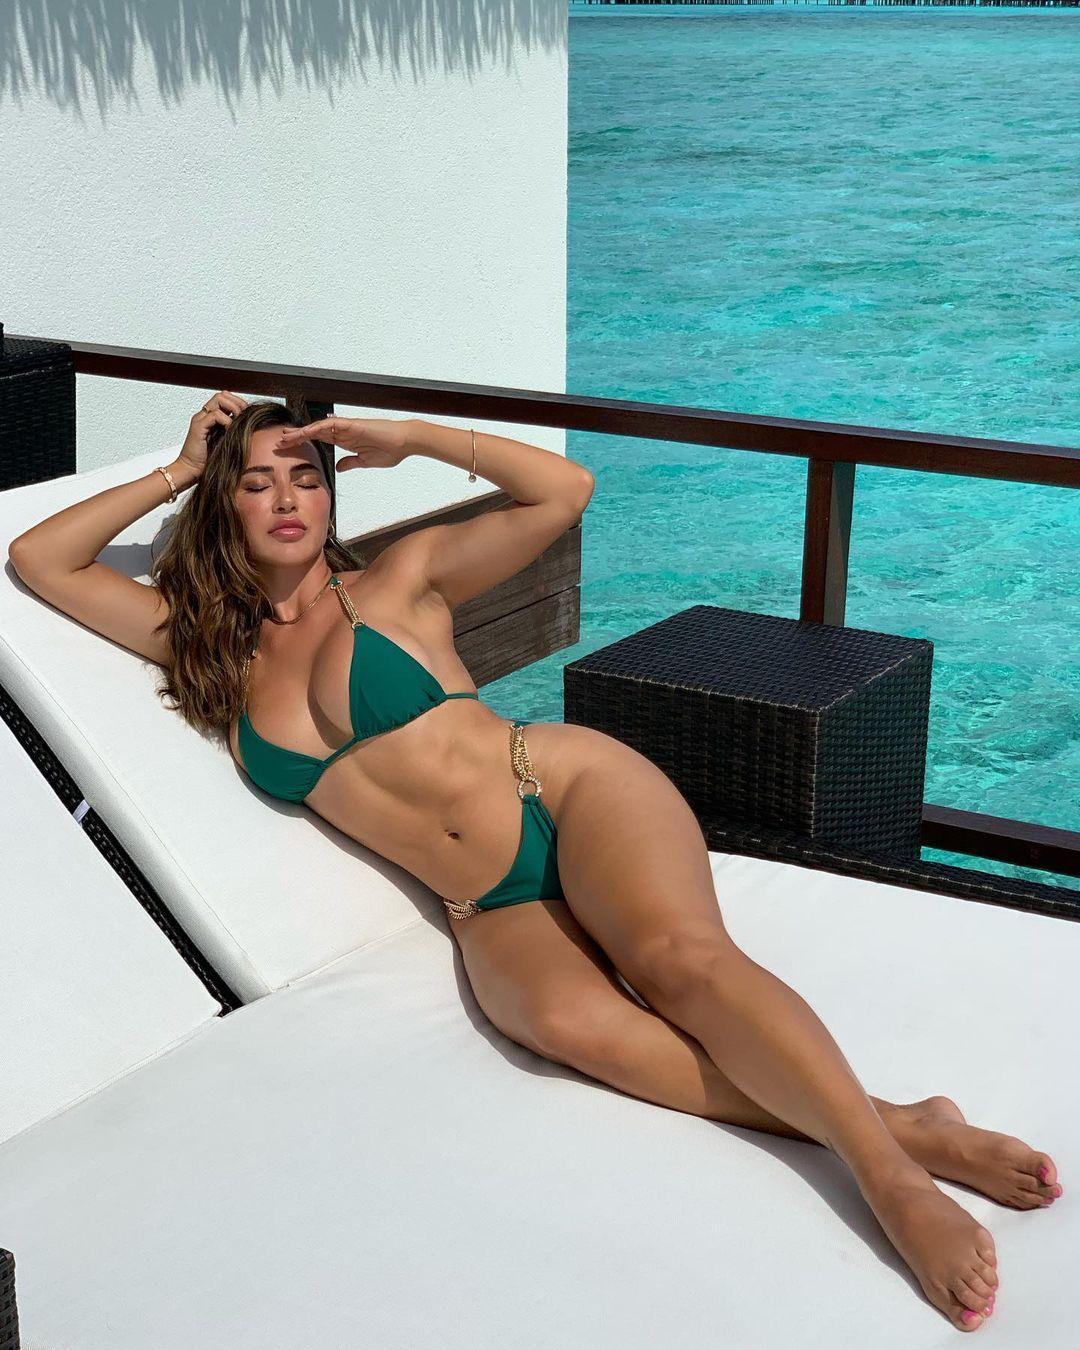 Модель показала фото / instagram.com/anacheri